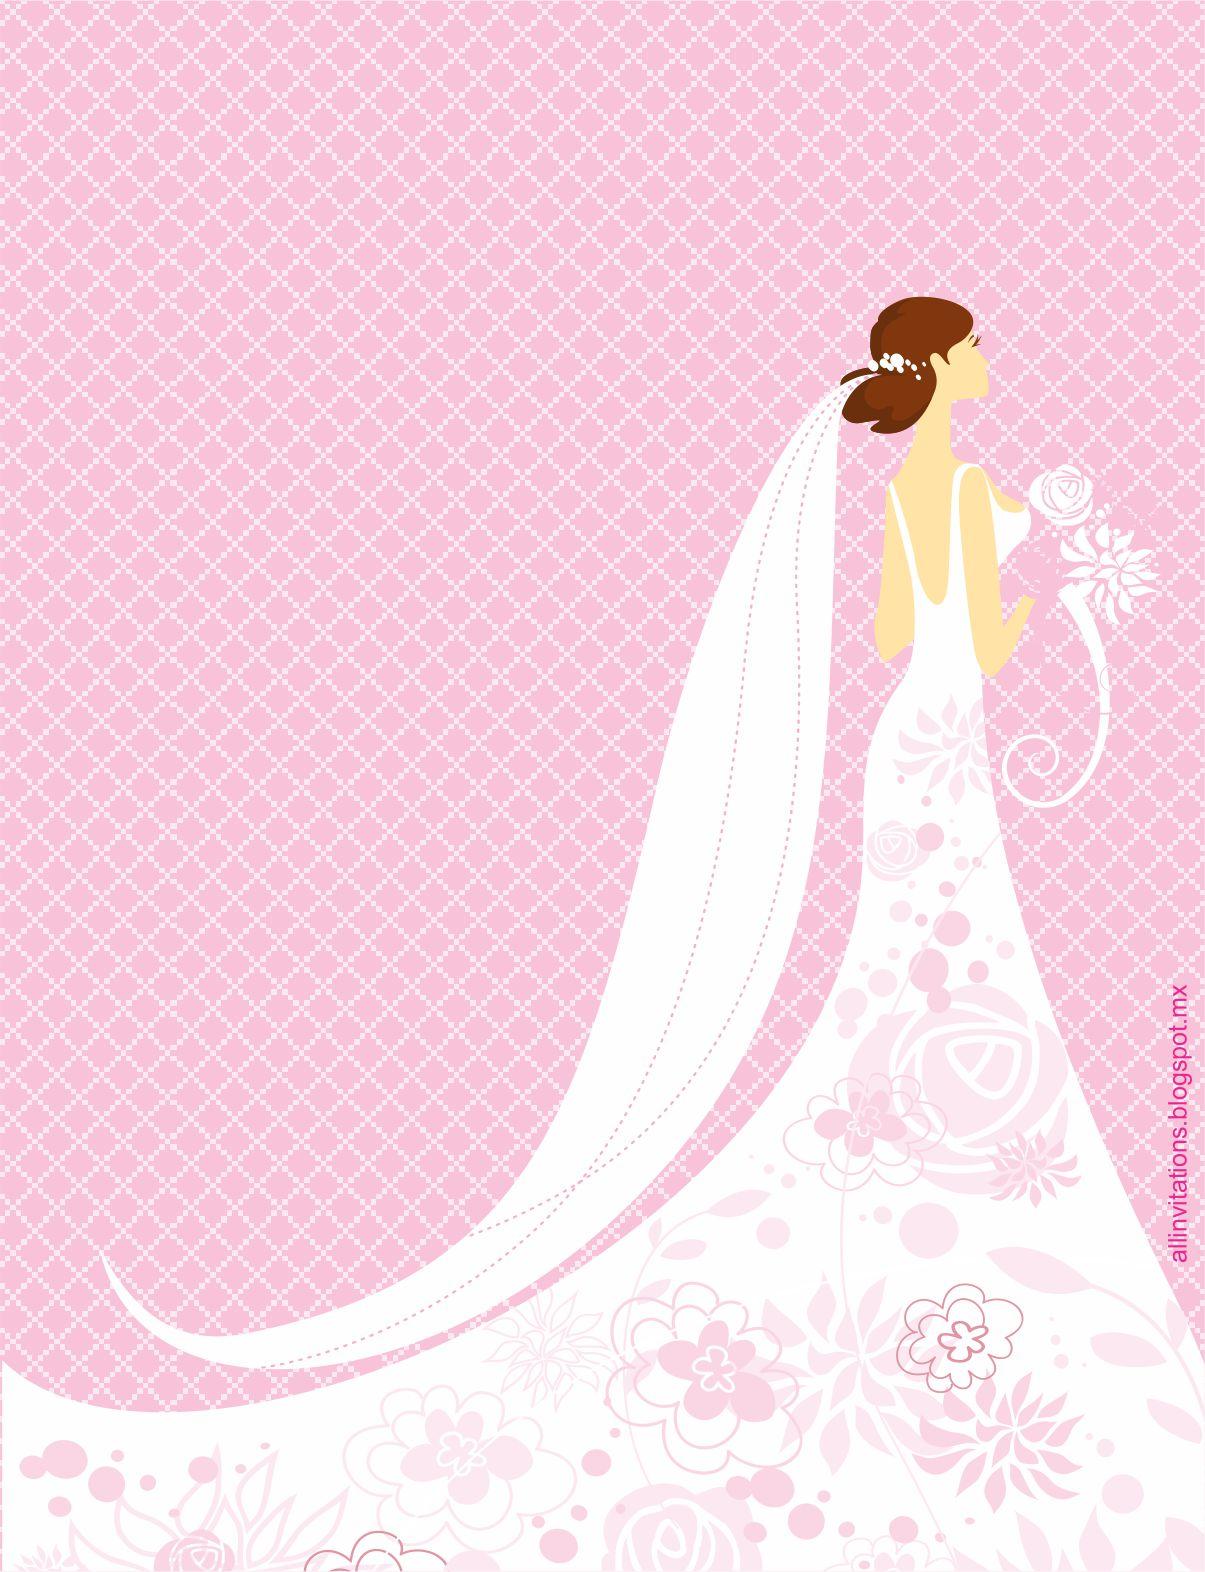 Novia con Vestido Adornado con Flores | All Invitations